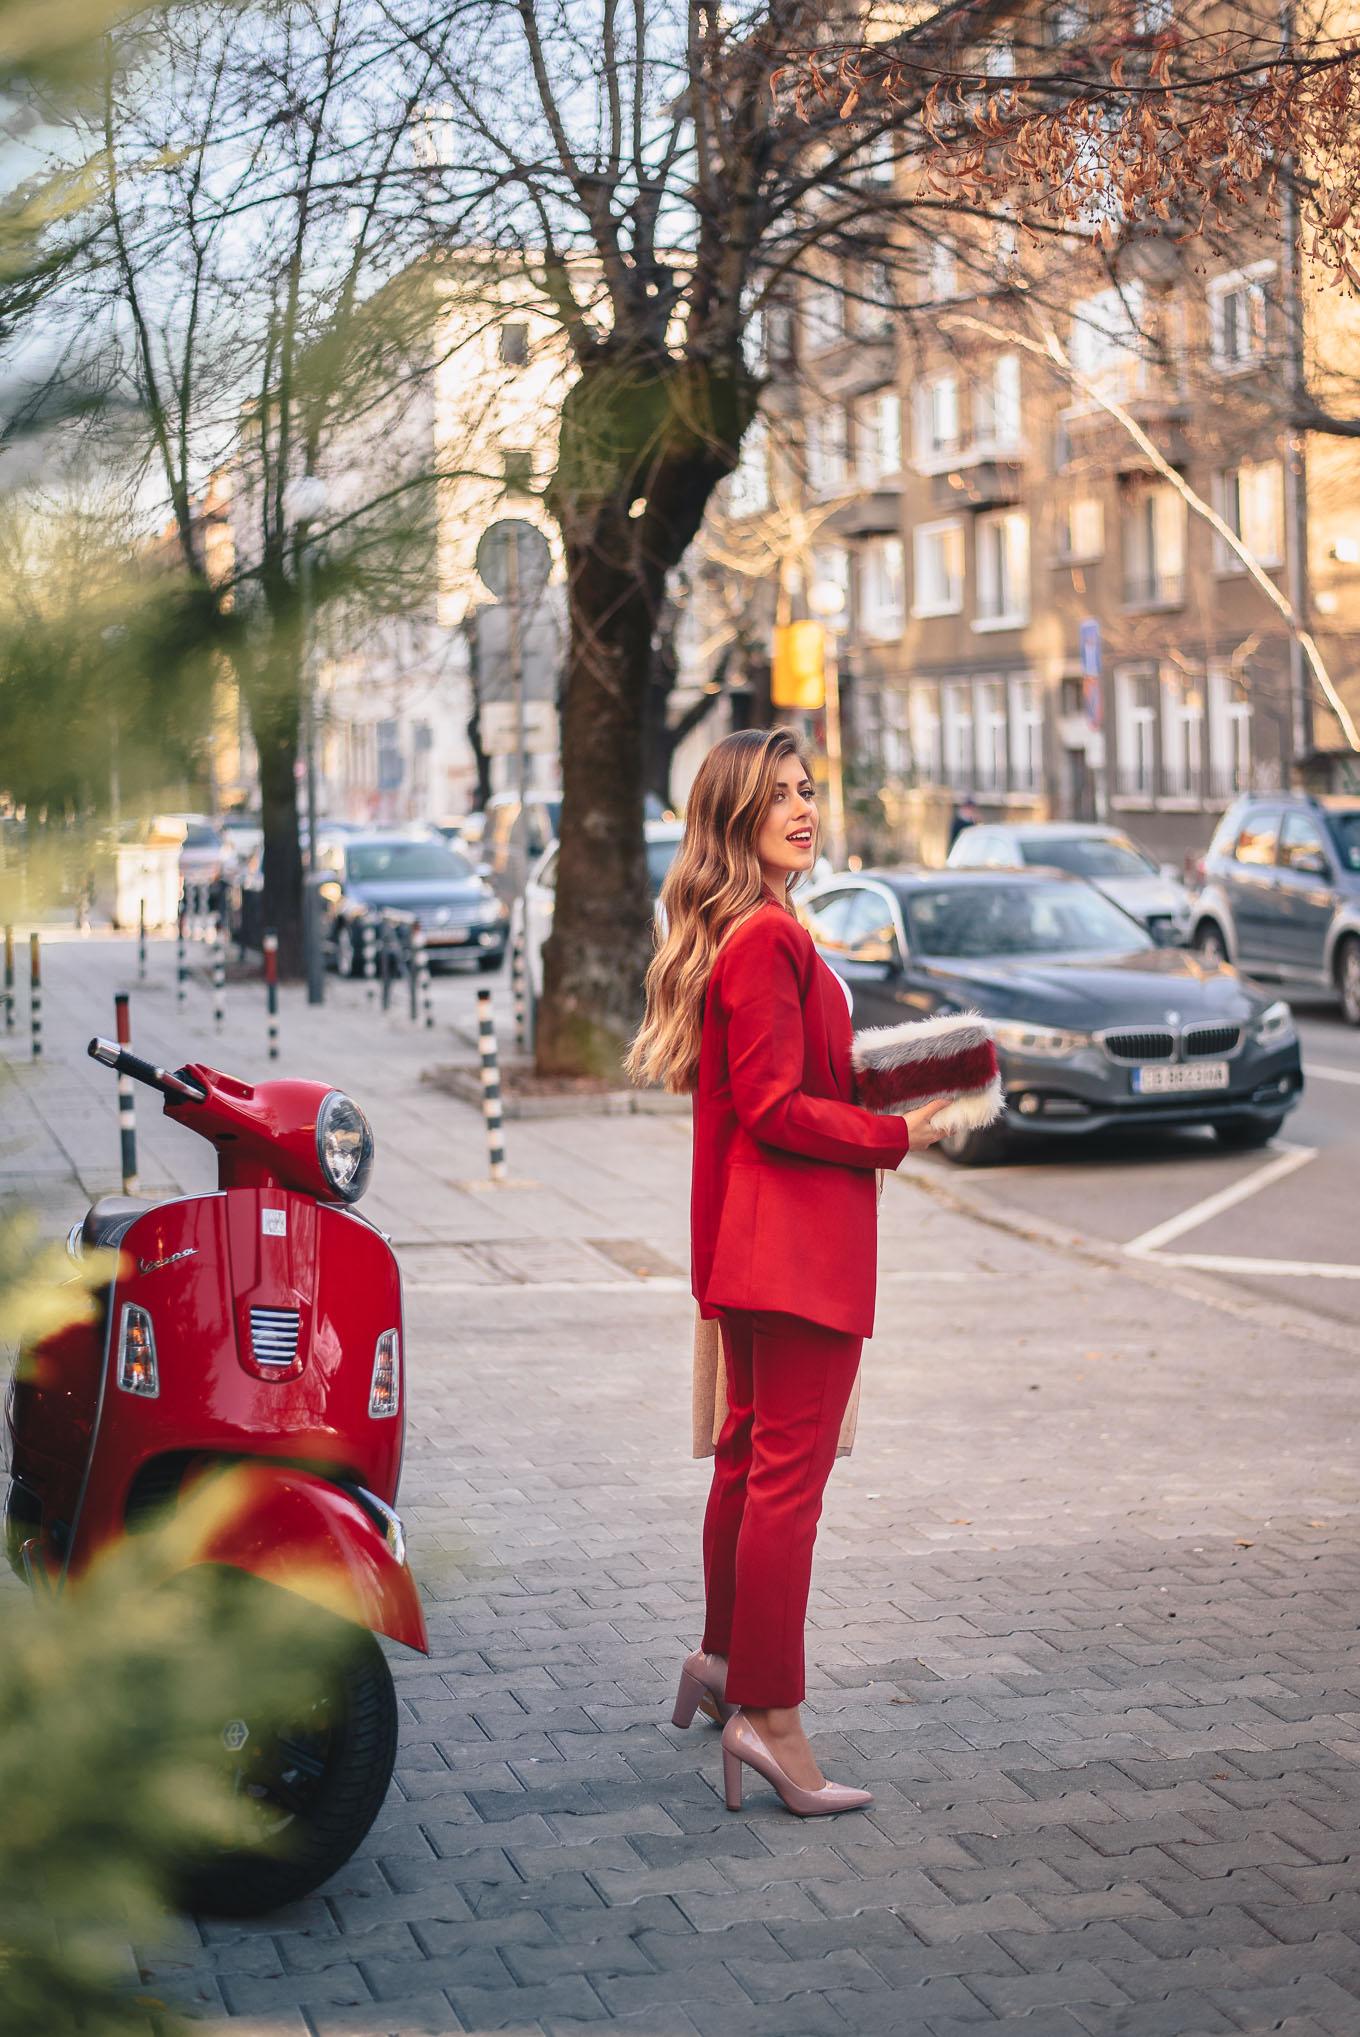 Red suit and holiday mood Denina Martin - ЧЕРВЕН КОСТЮМ ЗА ПРАЗНИЧНО НАСТРОЕНИЕ